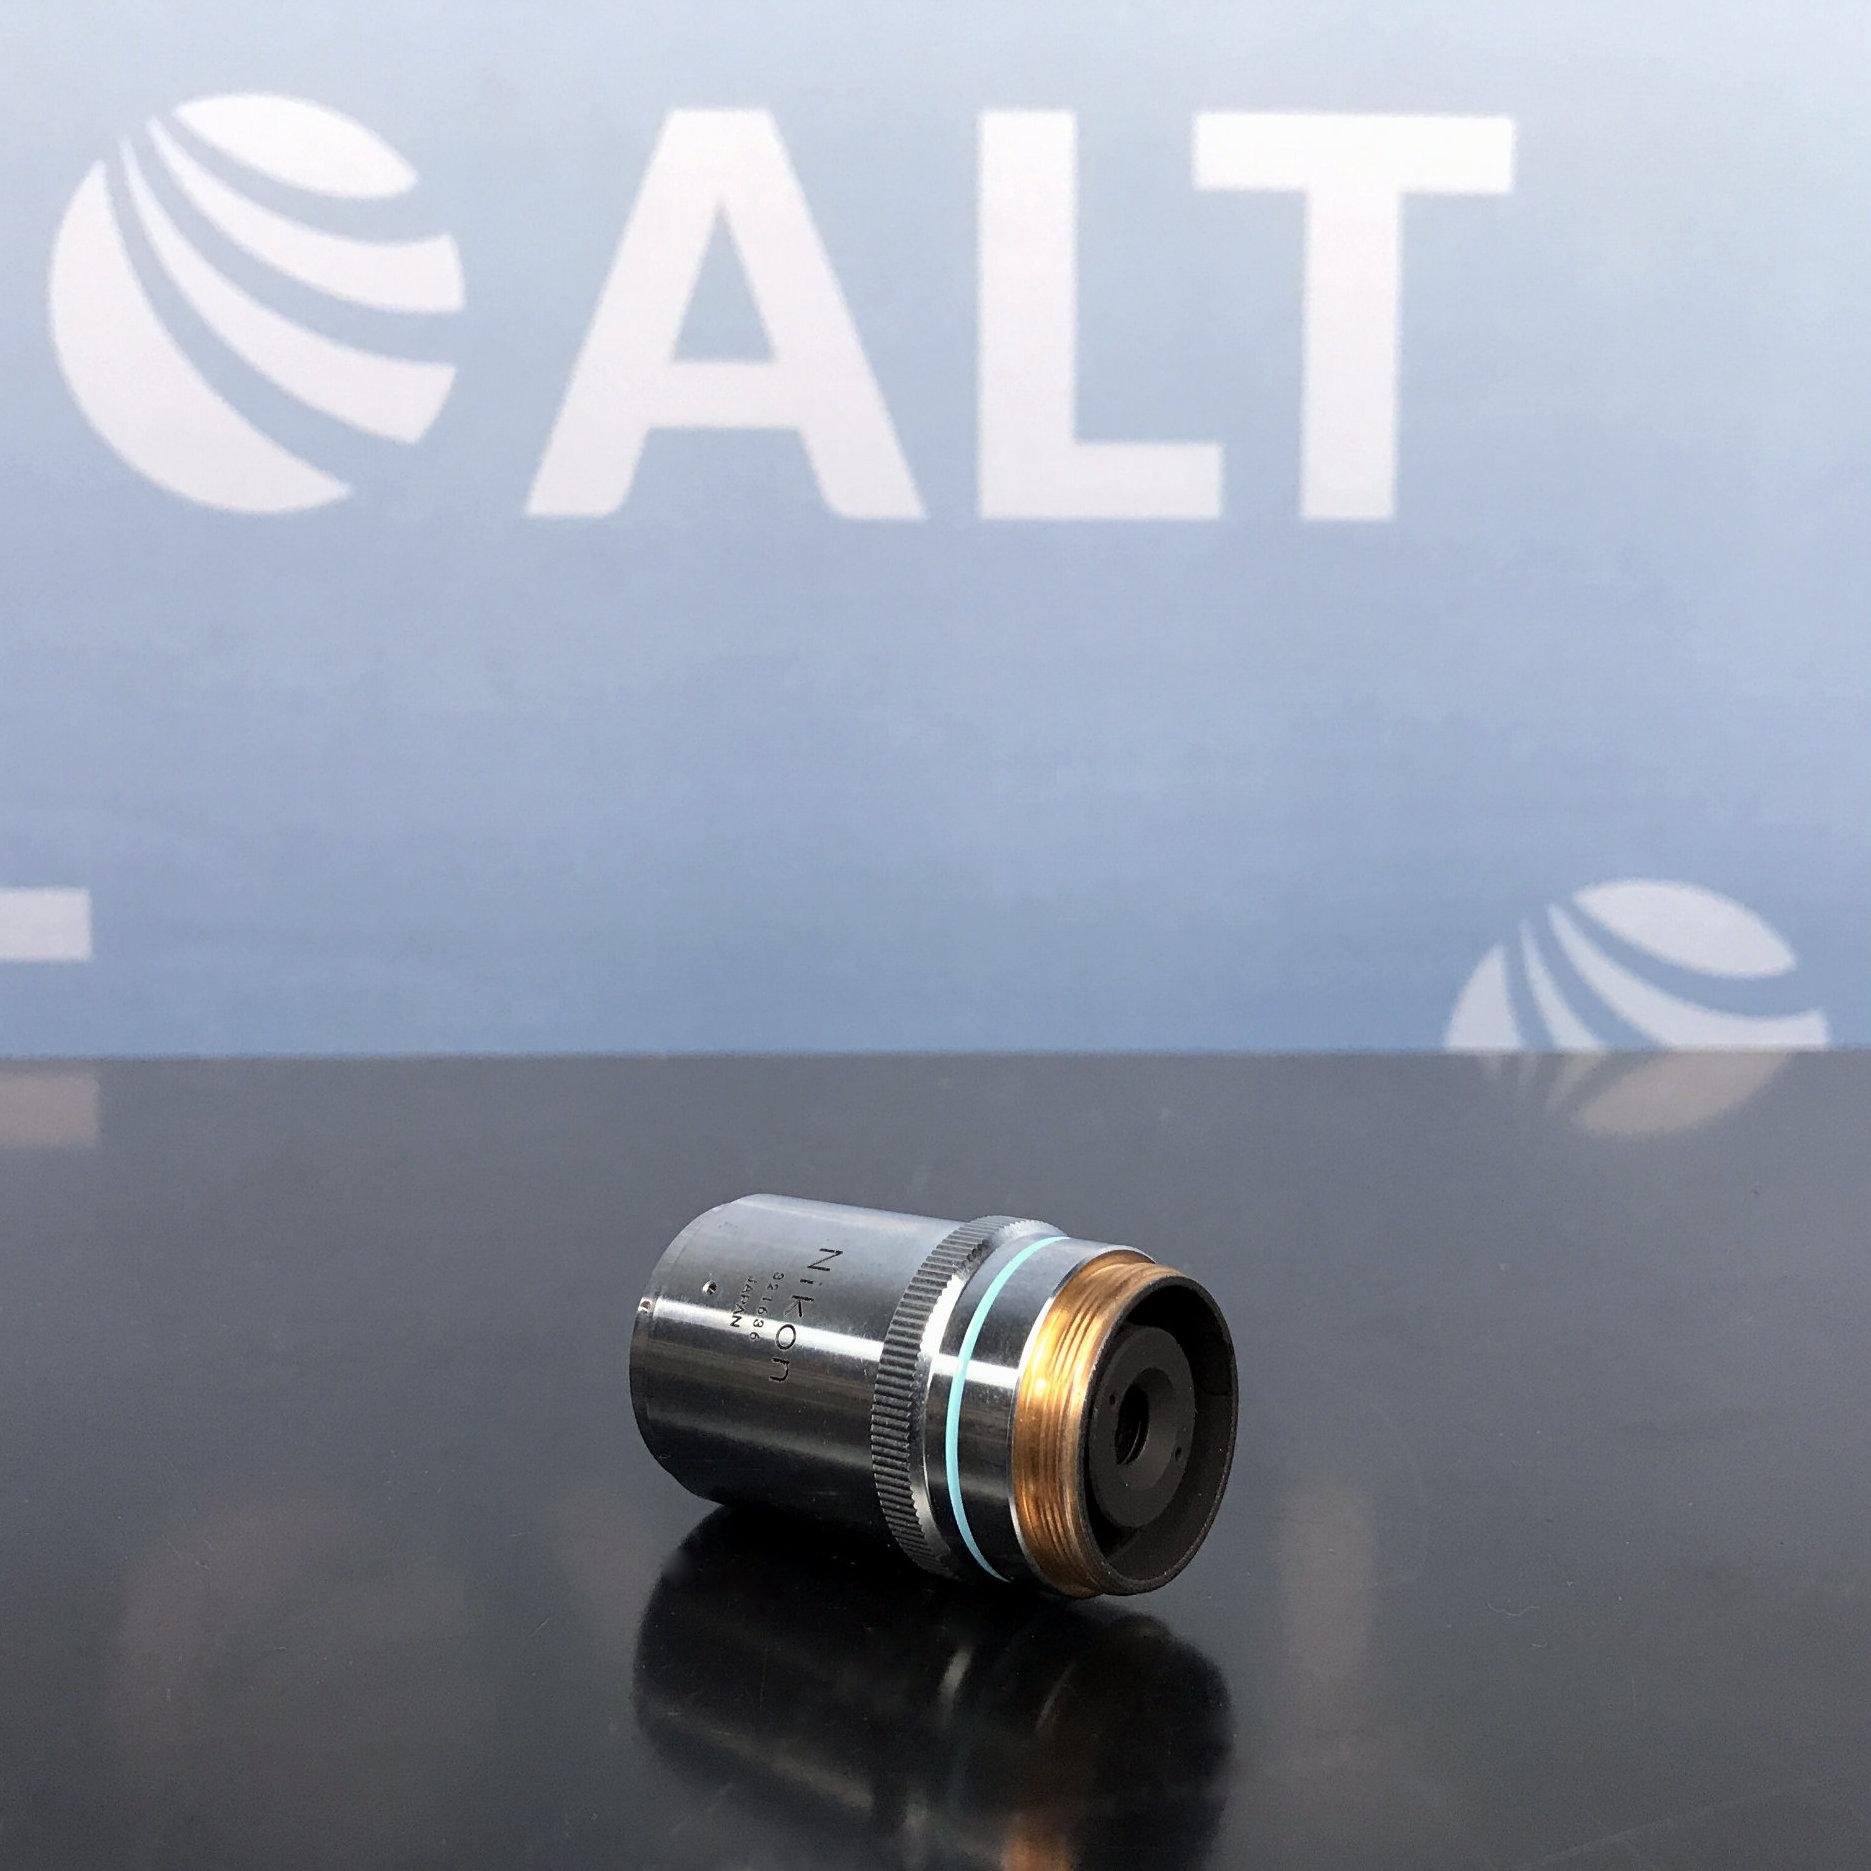 Nikon BD Plan 40/0.65 210/0 Microscope Objective Lens 40x Image